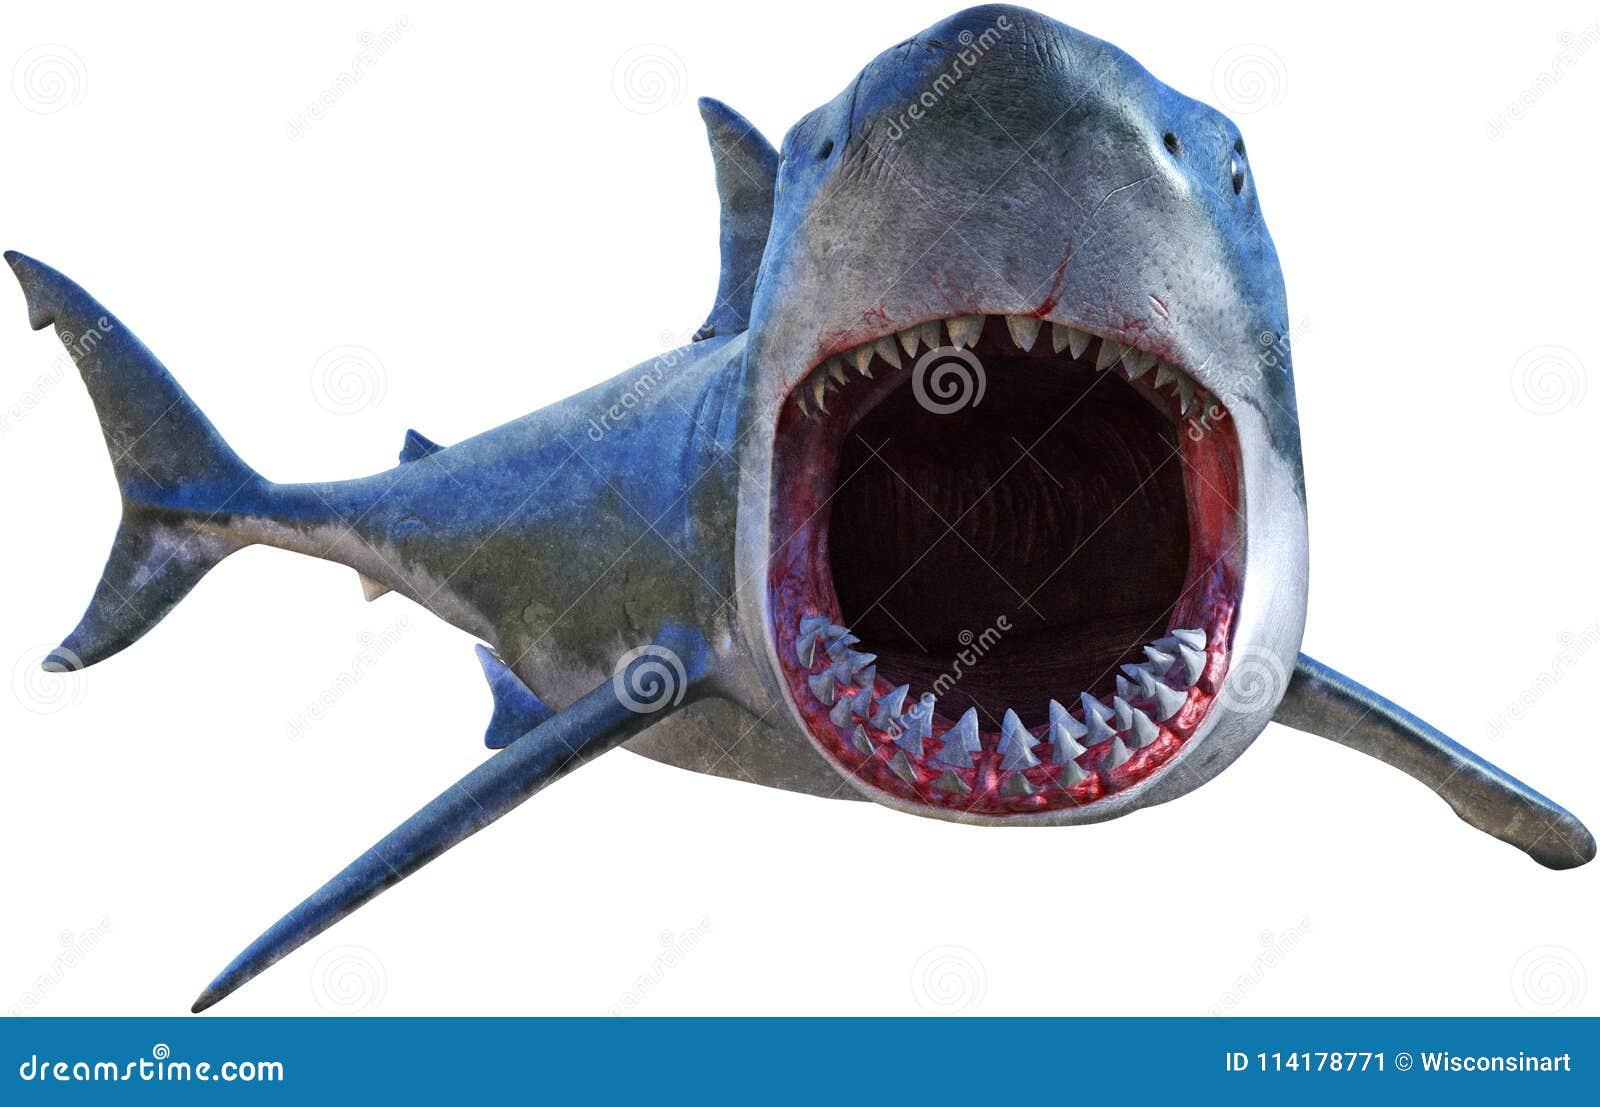 被隔绝的大白鲨鱼攻击